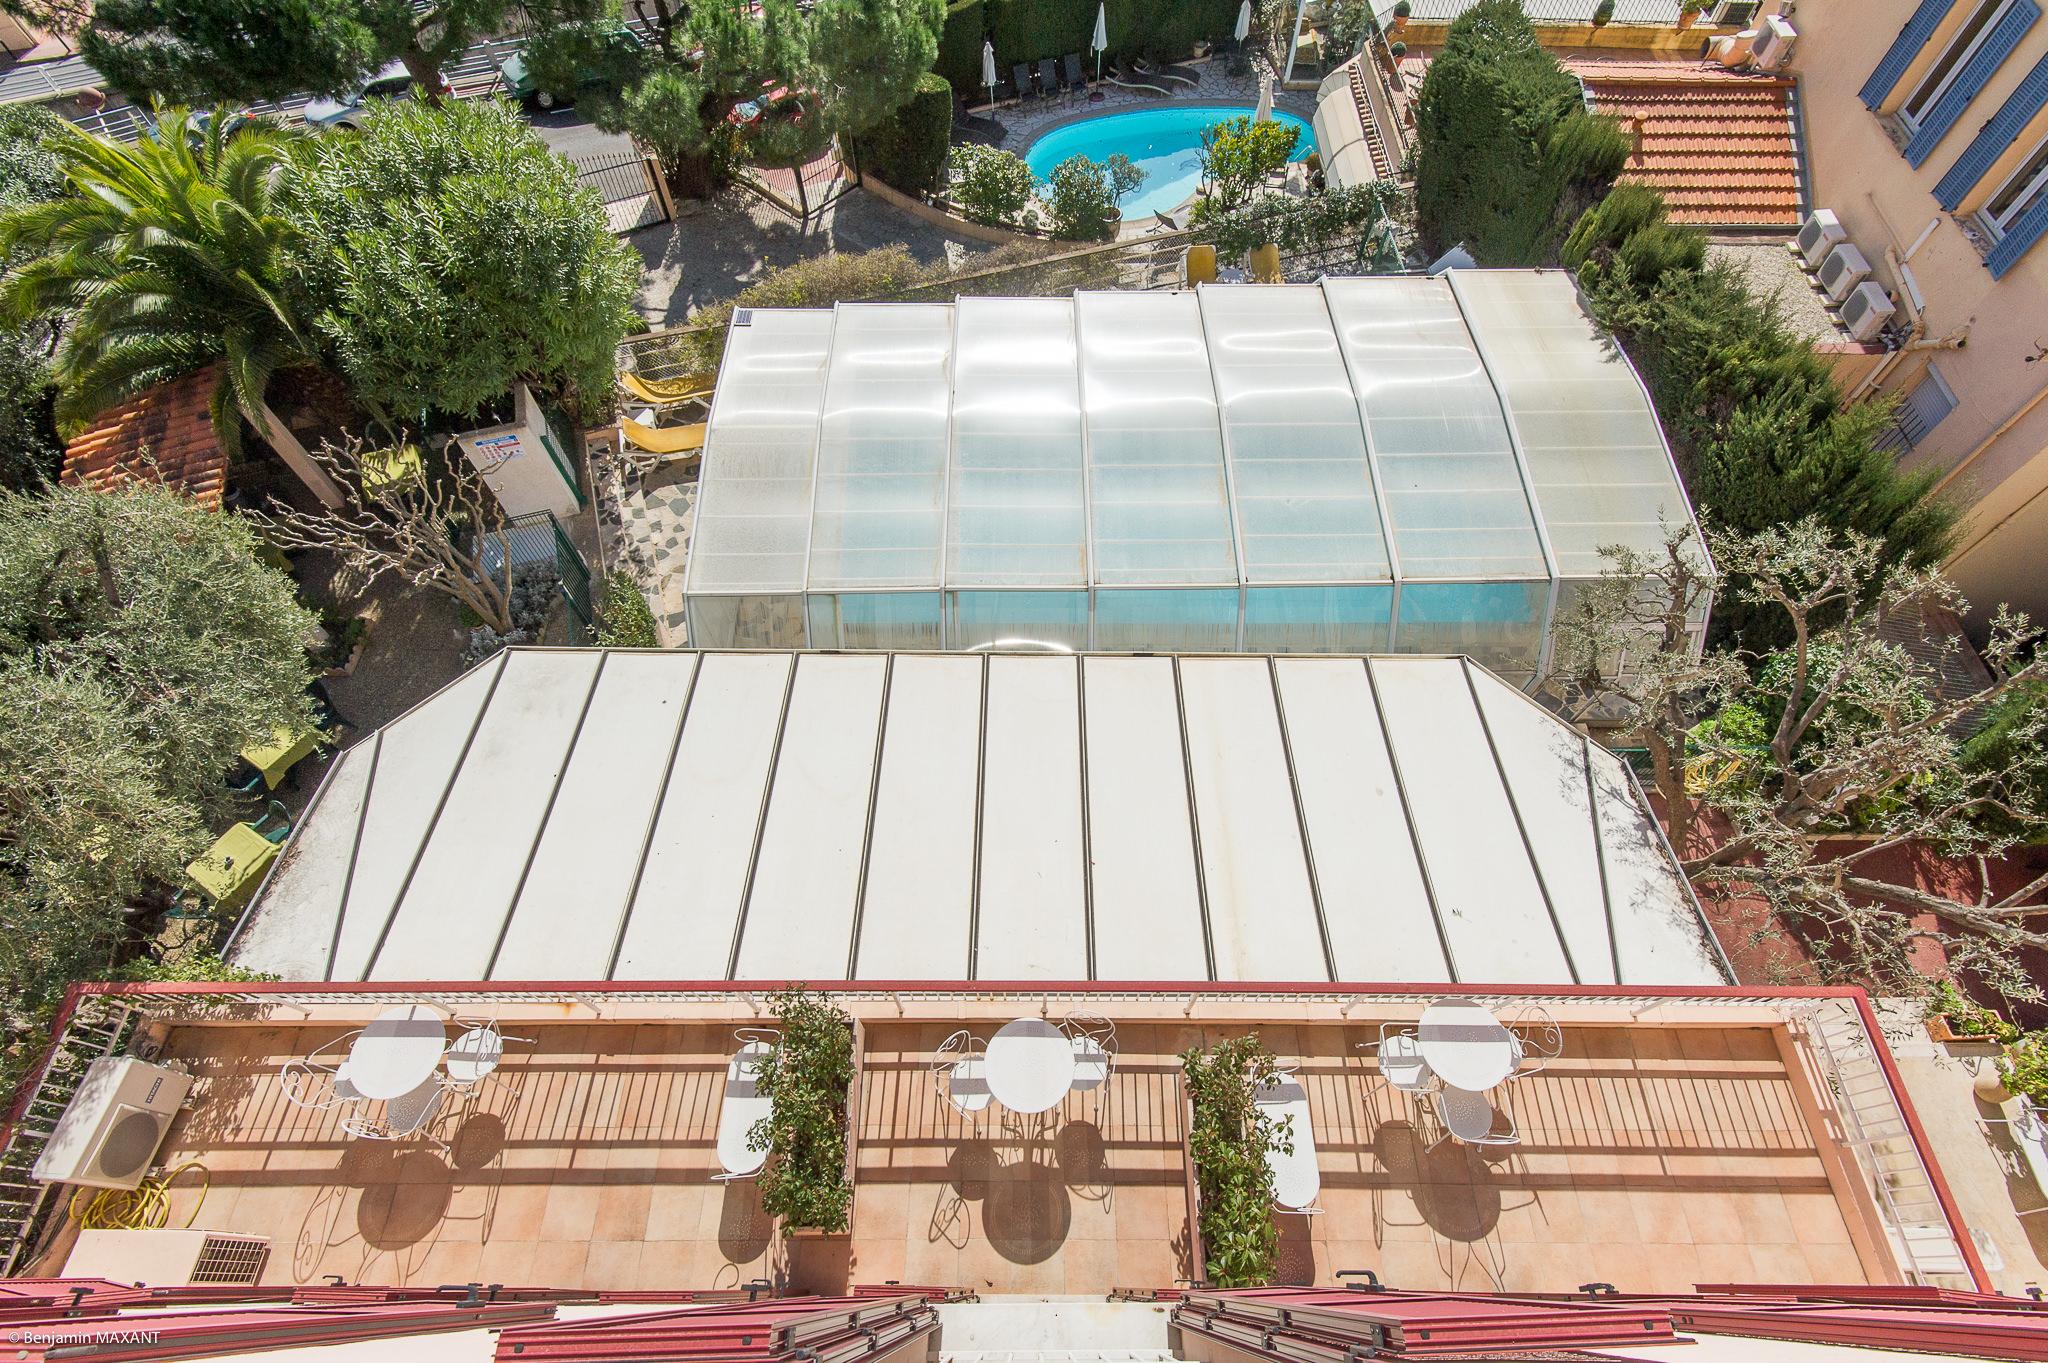 reportage photo immobilier de l'Hôtel lLes Orangers à Cannes - vue sur la piscine